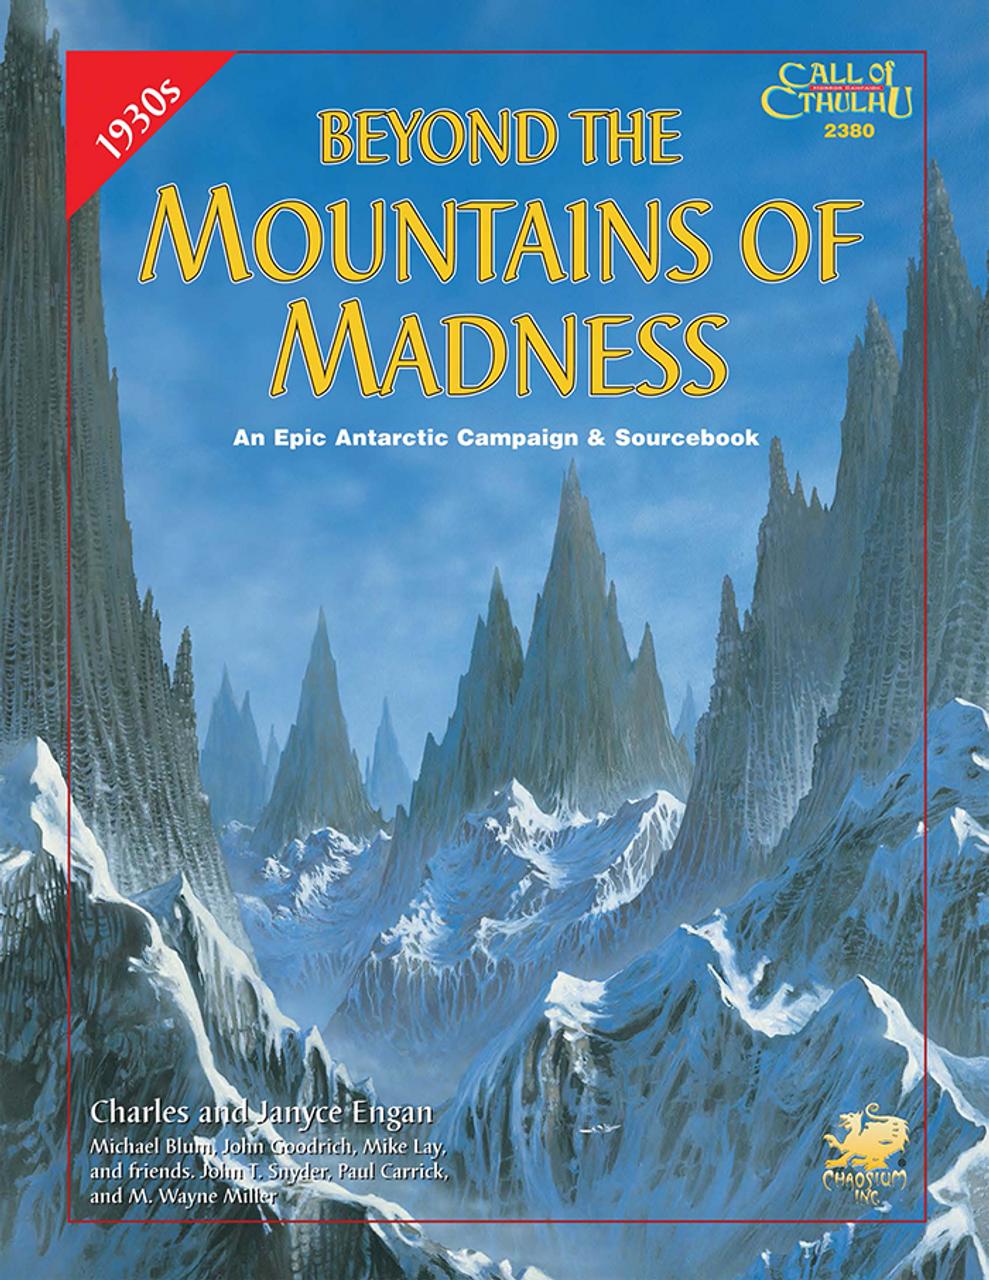 Äventyrskampanjen Beyond the Mountains of Madness